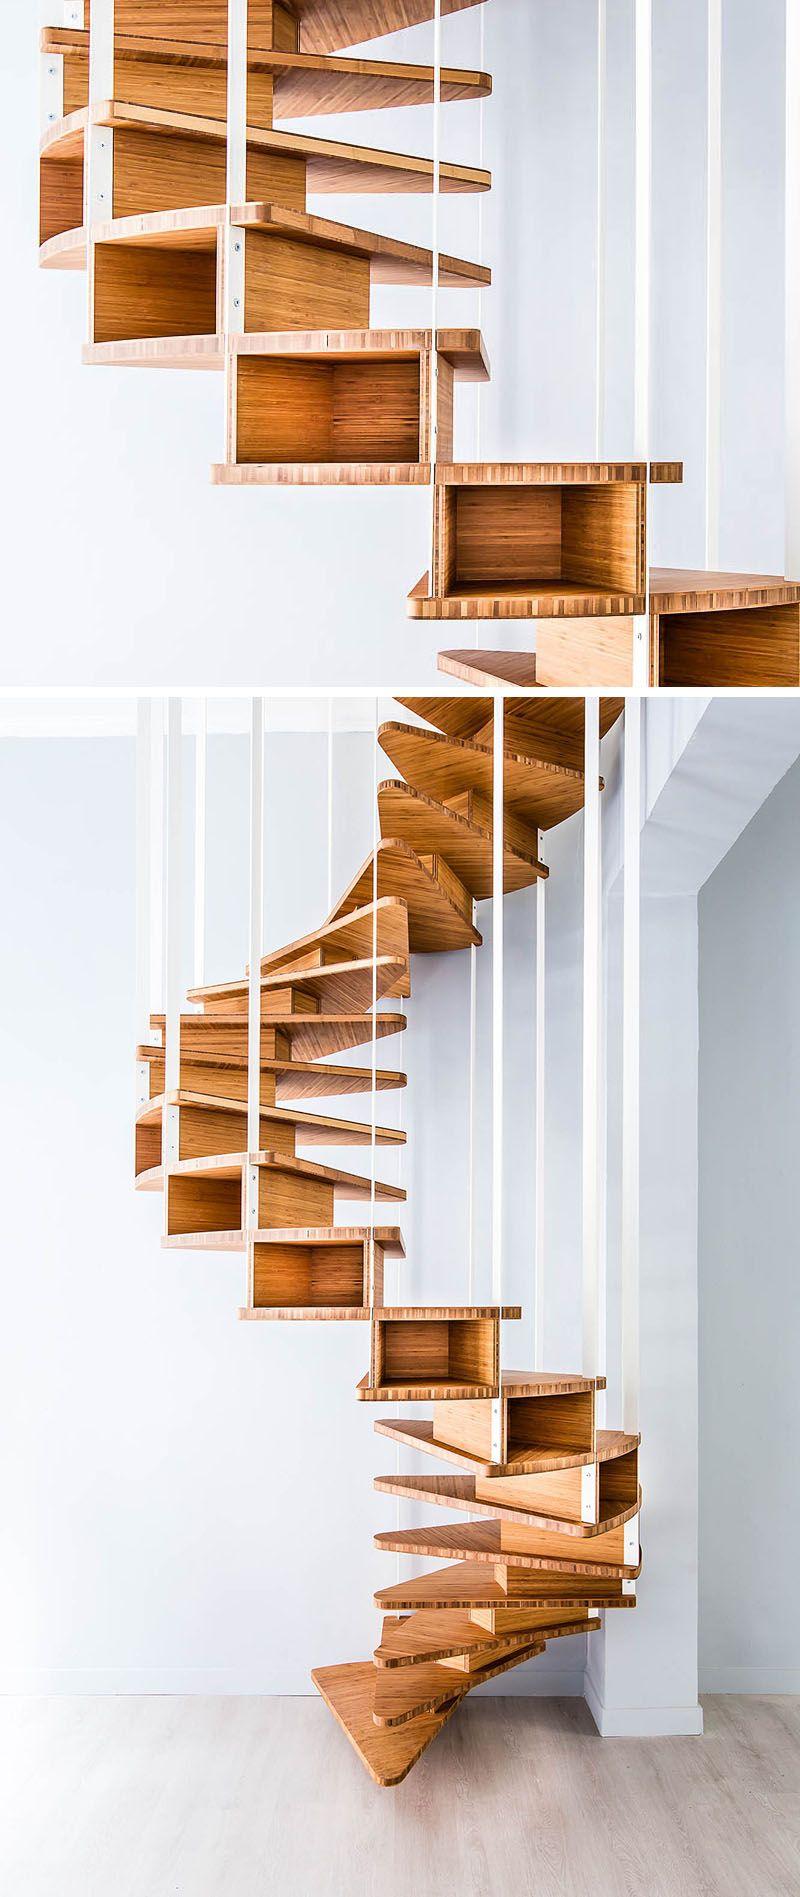 escalier int rieur design la beaut est dans les d tails escaliers pinterest escalier. Black Bedroom Furniture Sets. Home Design Ideas